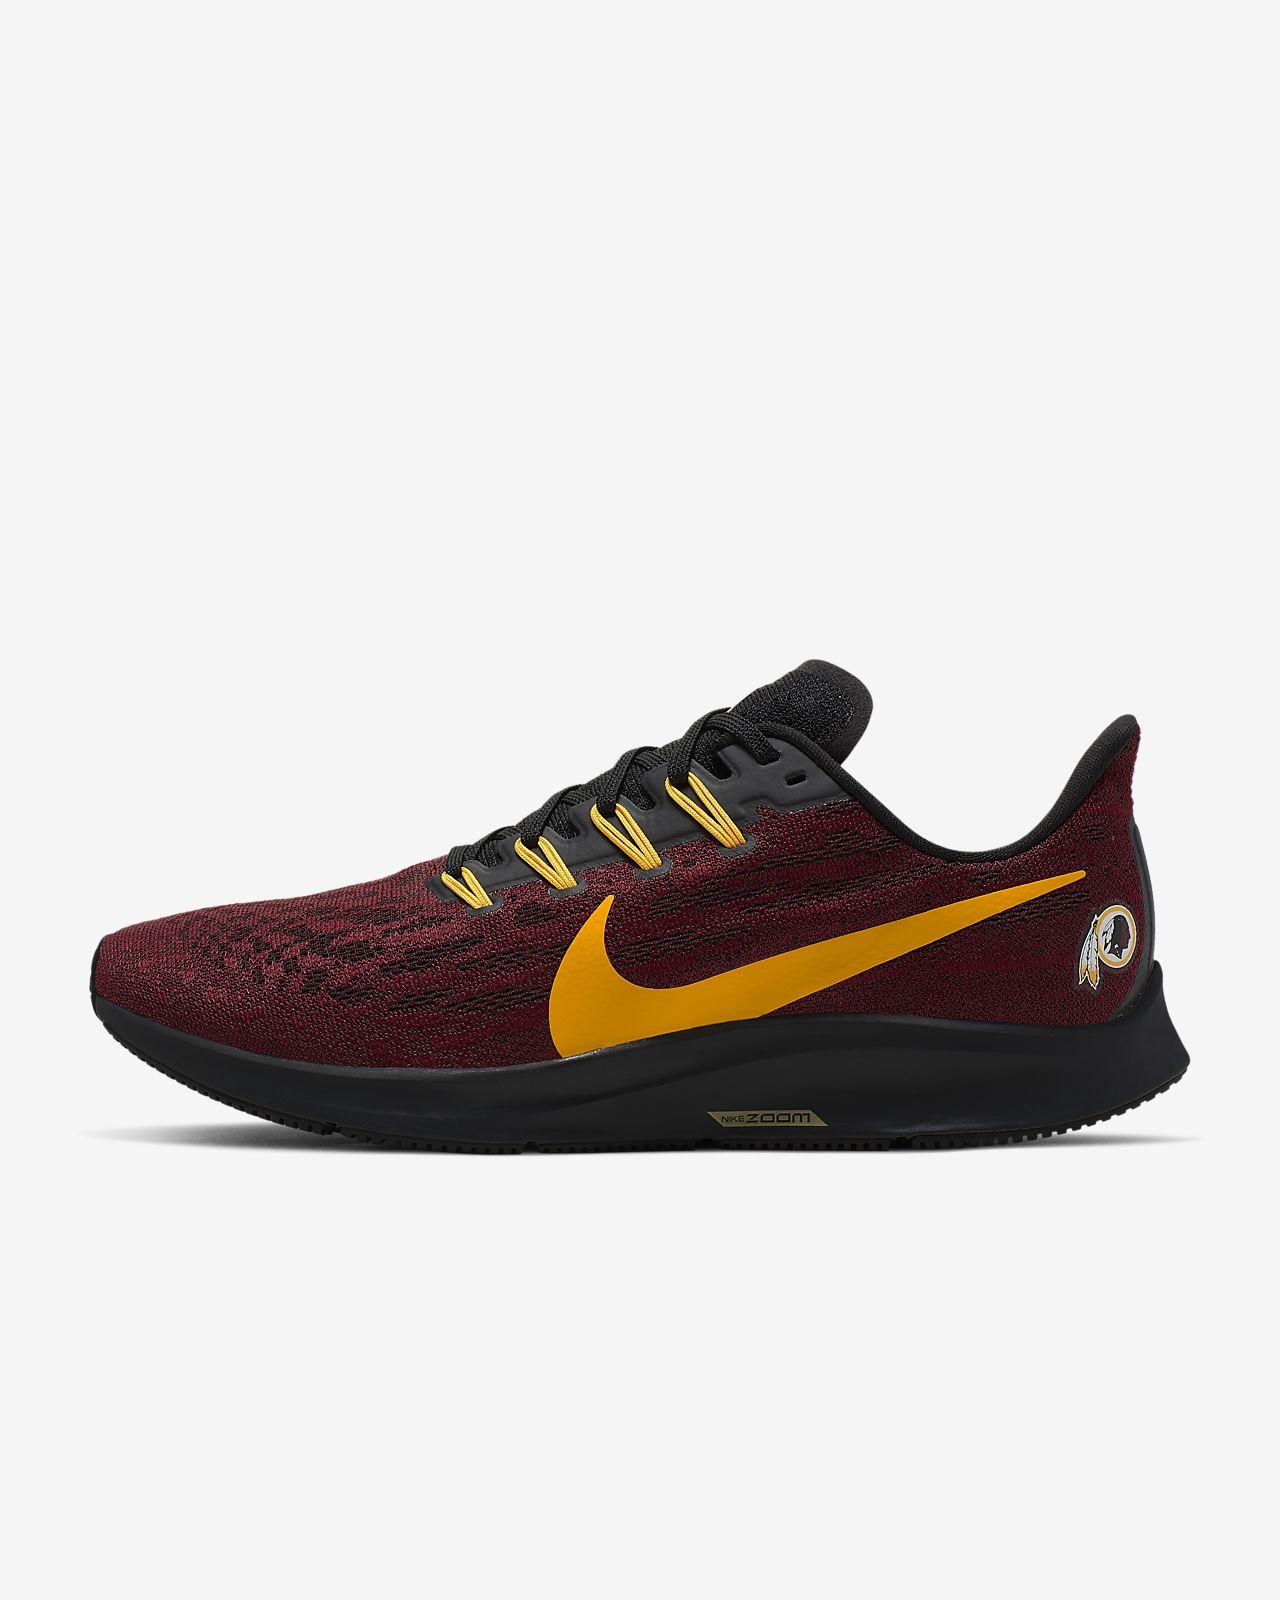 Nike Air Zoom Pegasus 36 (Redskins) Men's Running Shoe